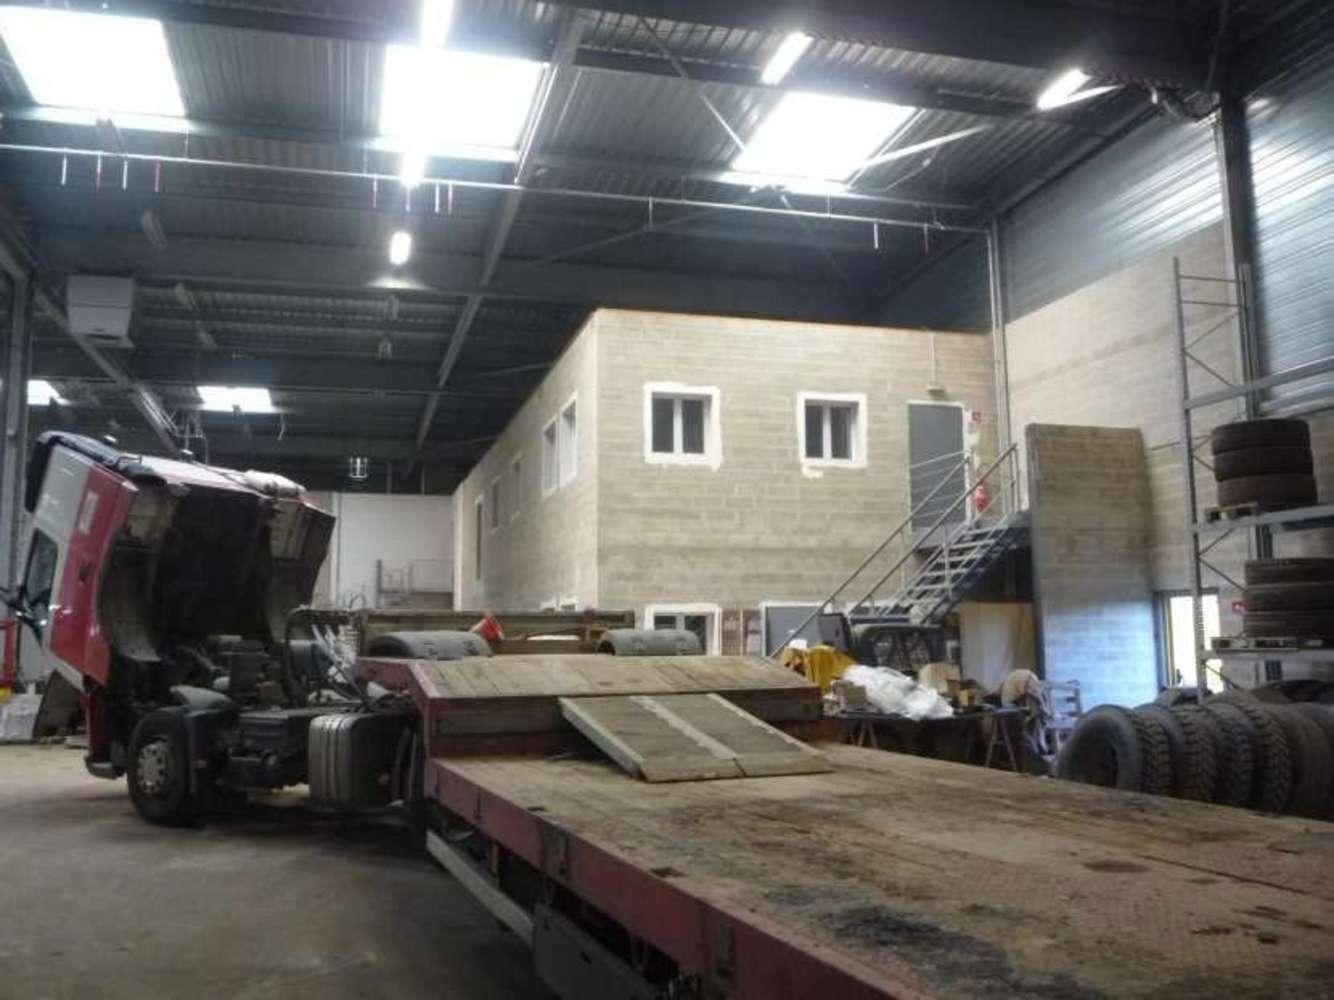 Activités/entrepôt Bailly romainvilliers, 77700 - ZAC DE BAILLY ROMAINVILLIERS - 9462050